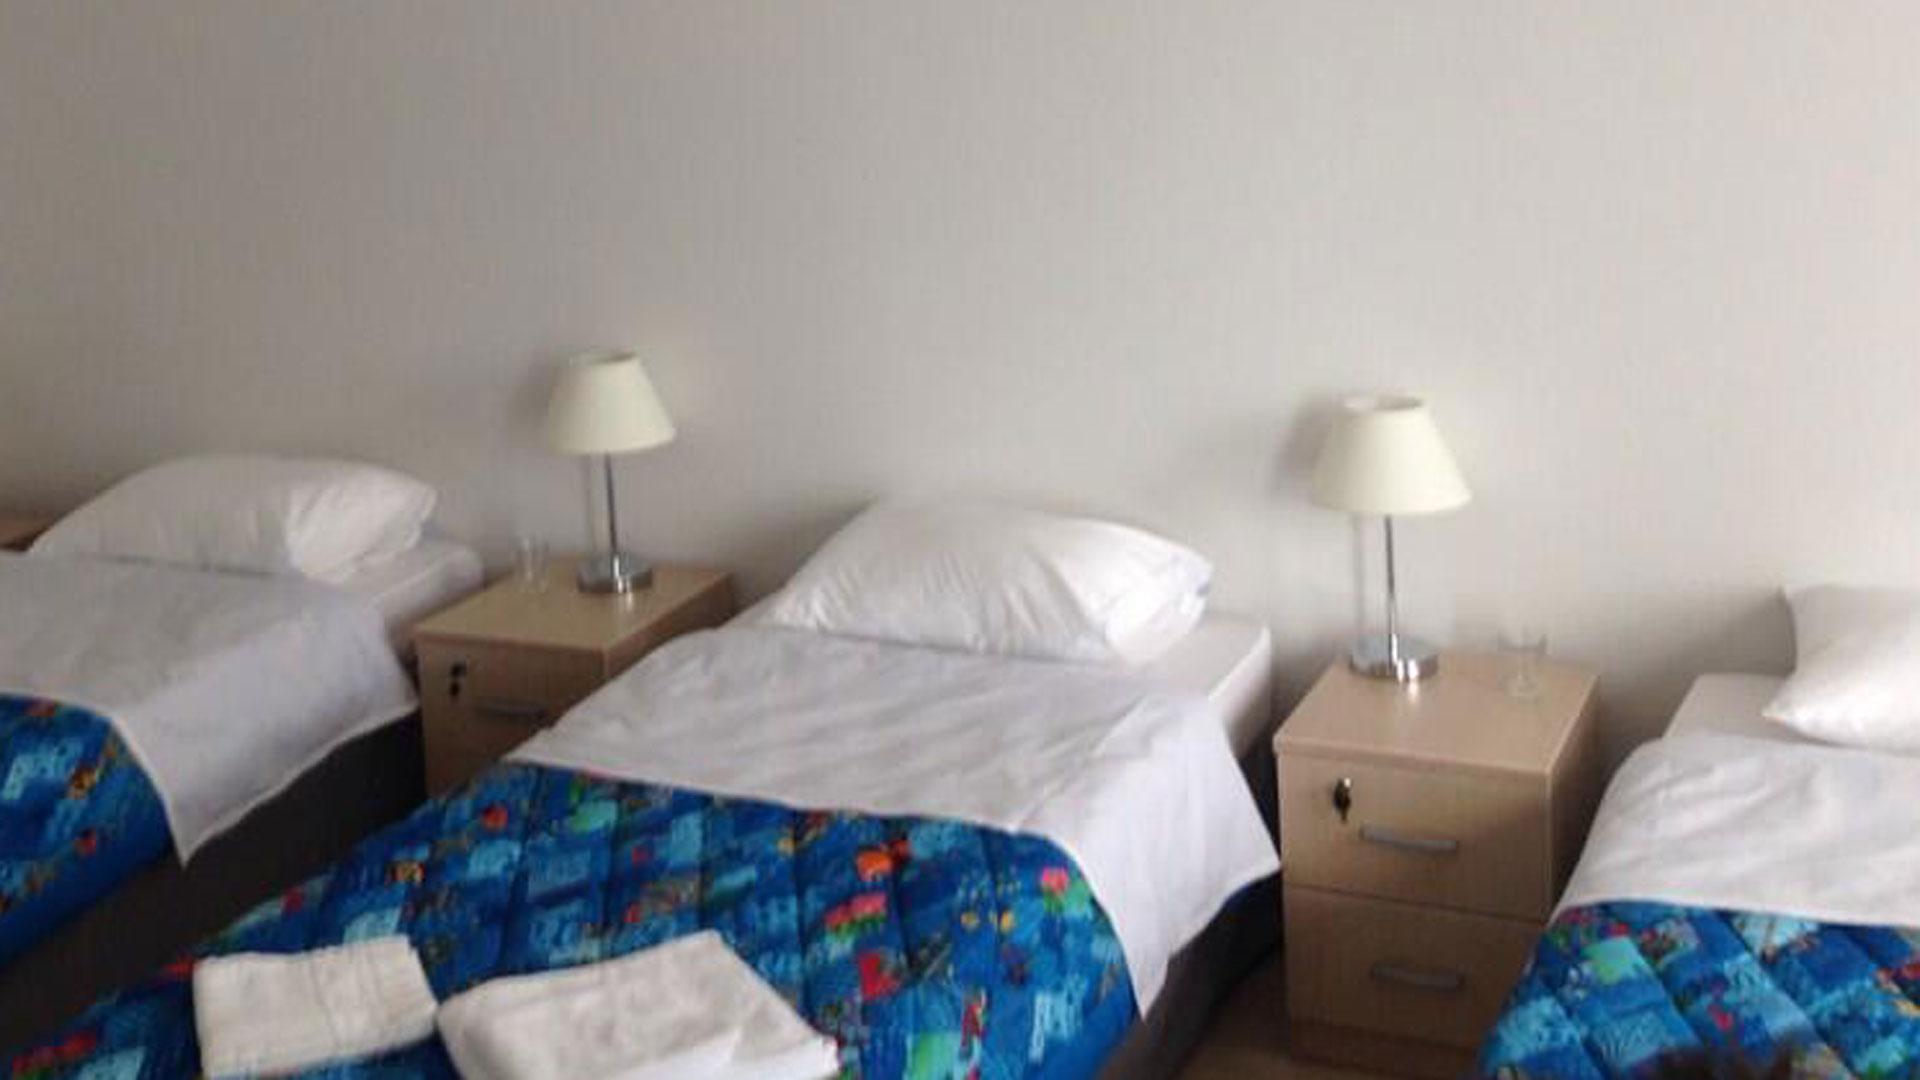 Sochi-Hotel-Room-FTR-2414